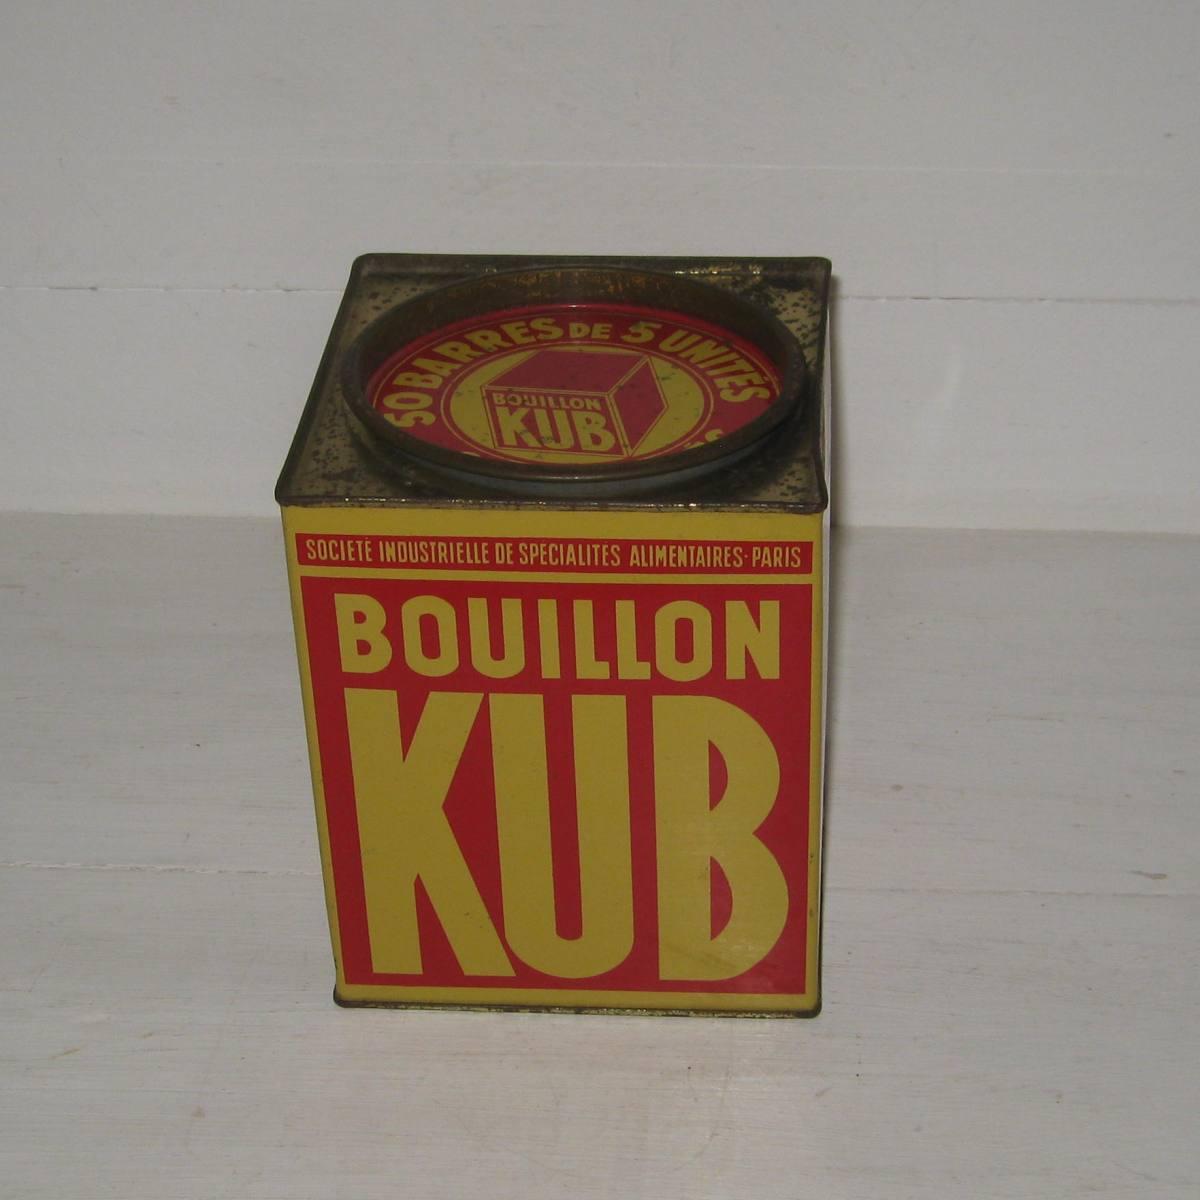 Boite en tole kub 1